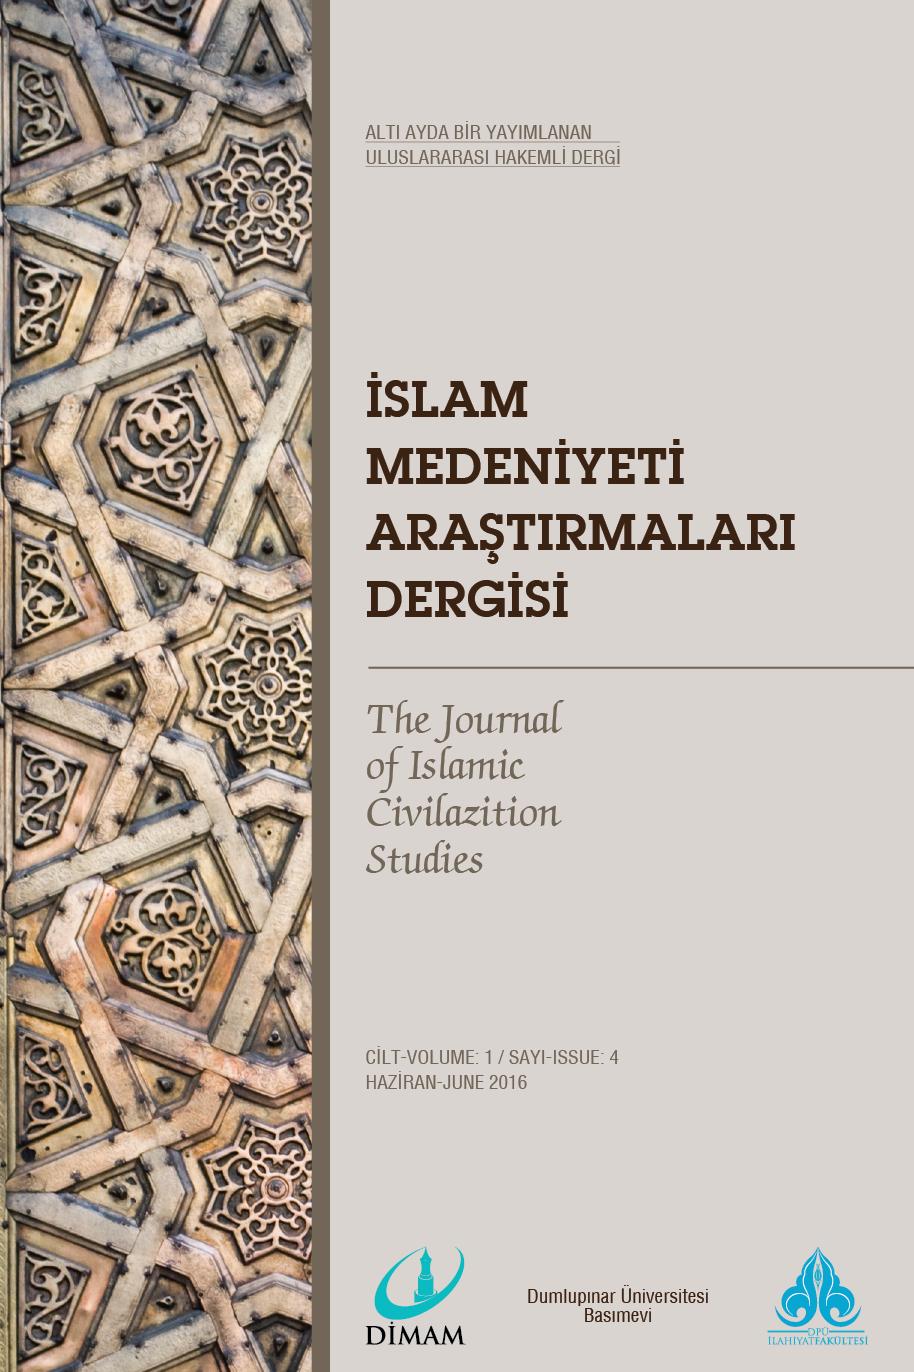 İslam Medeniyeti Araştırmaları Dergisi